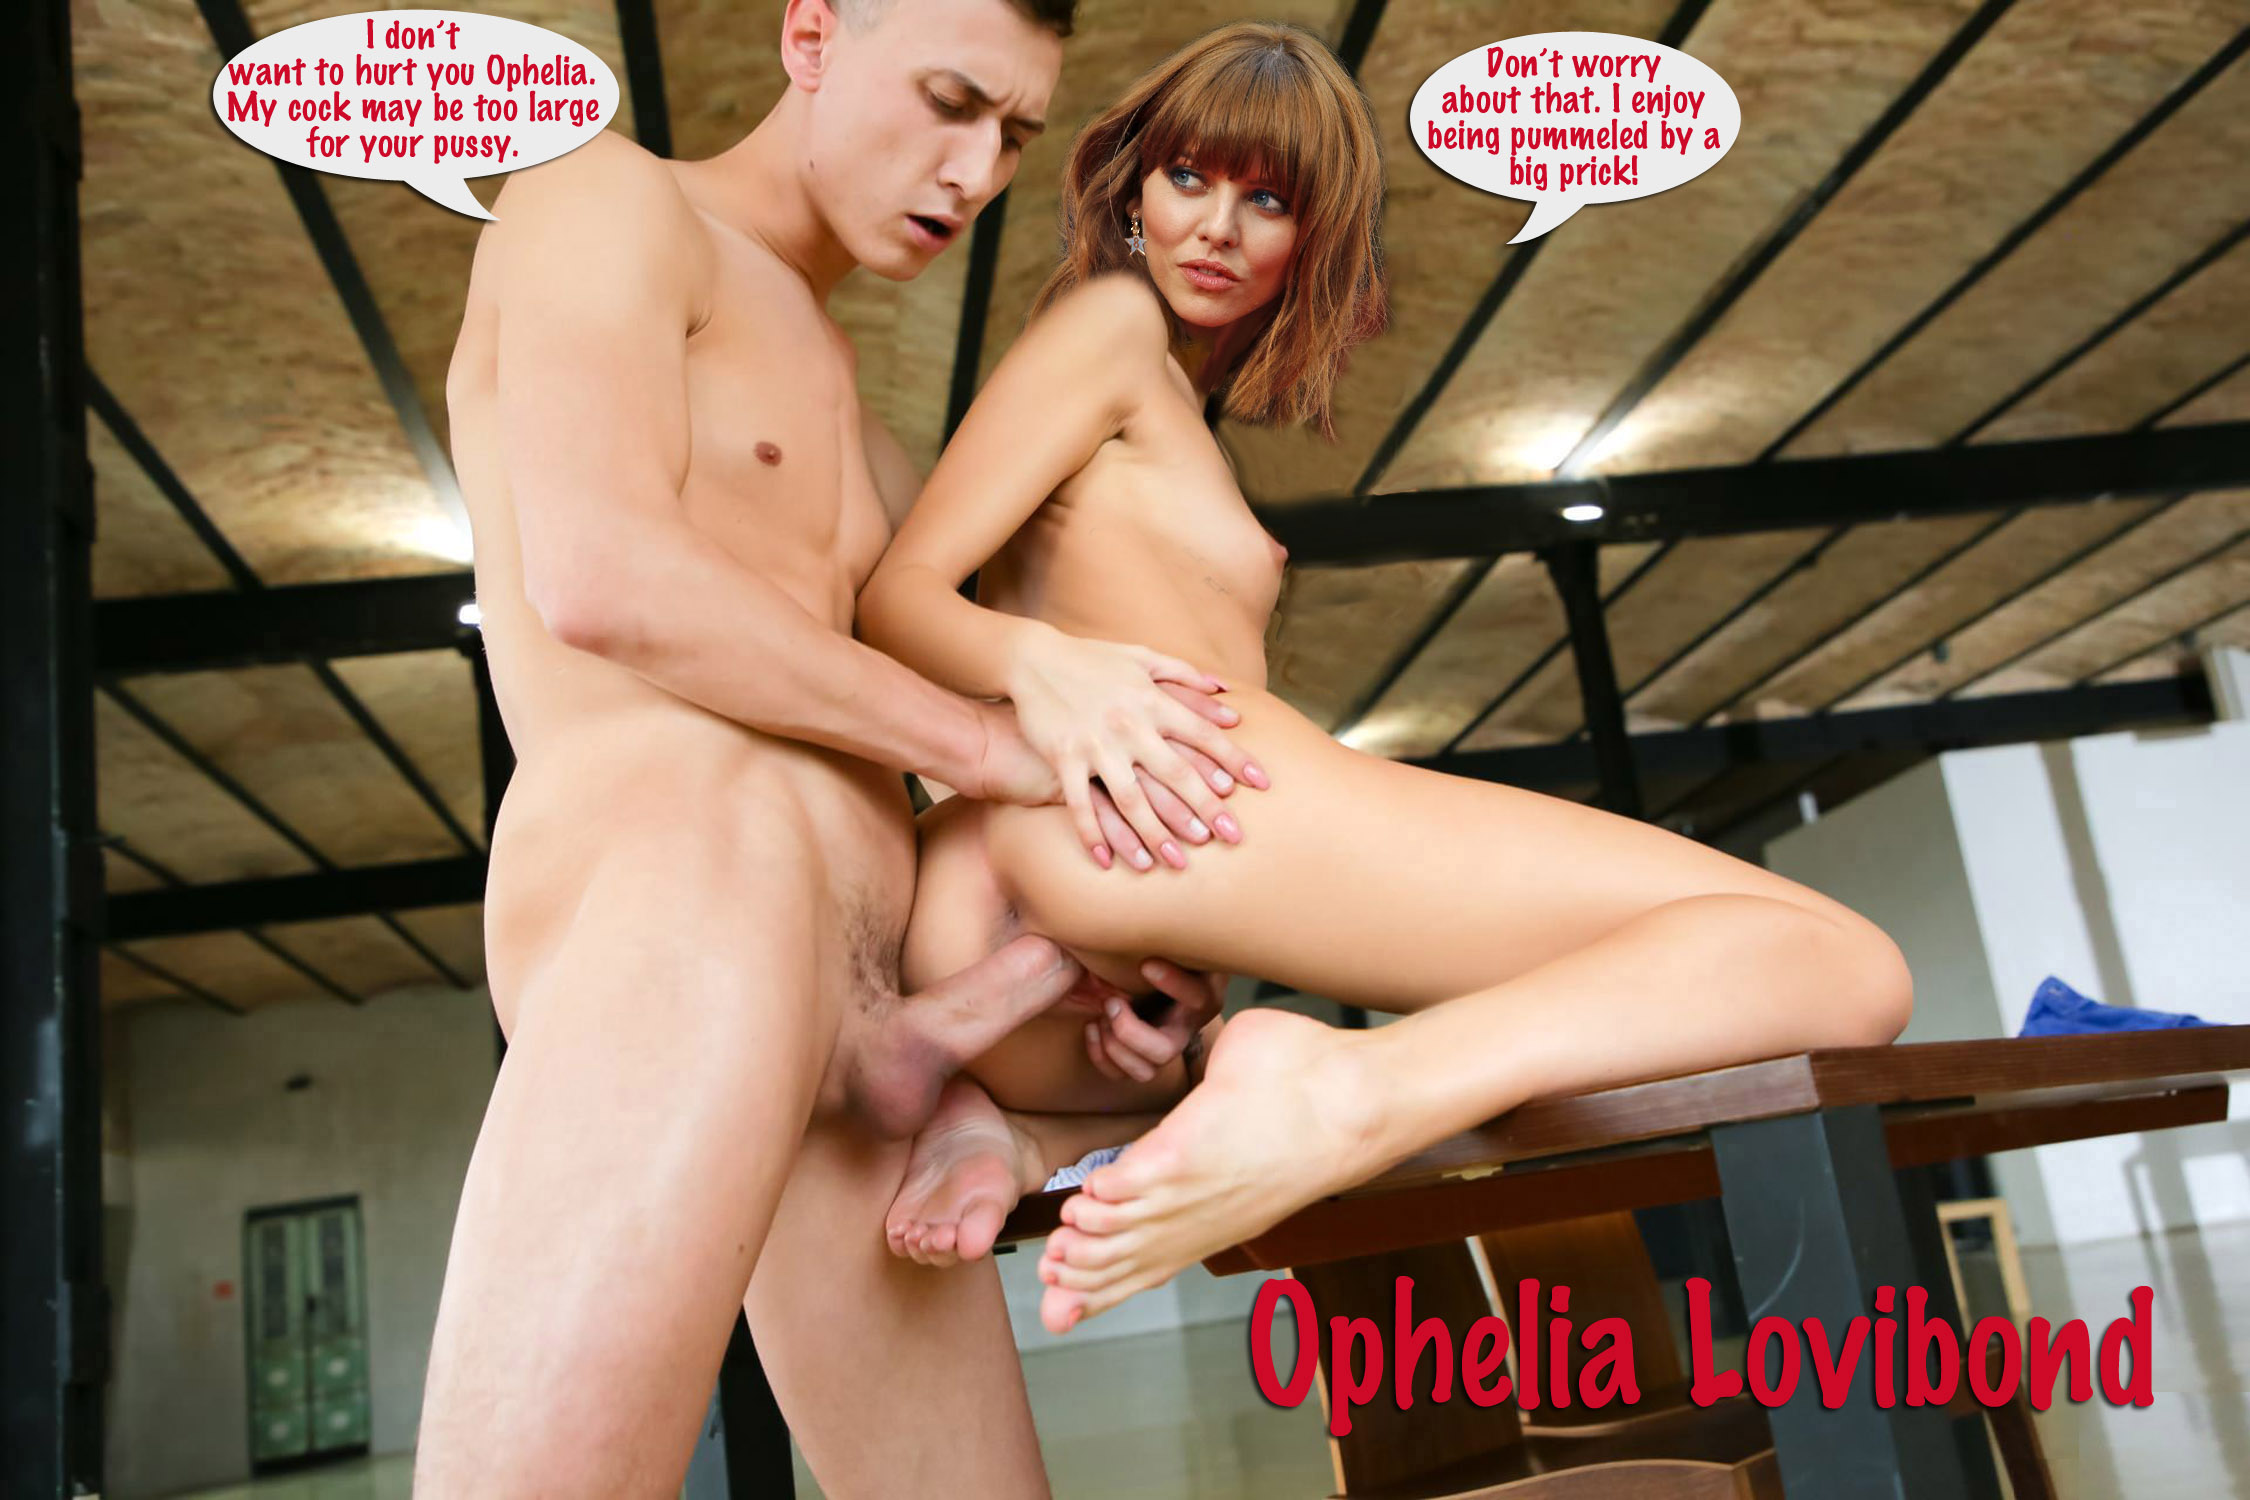 69723_ophelia_lovibond027_123_924lo.jpg